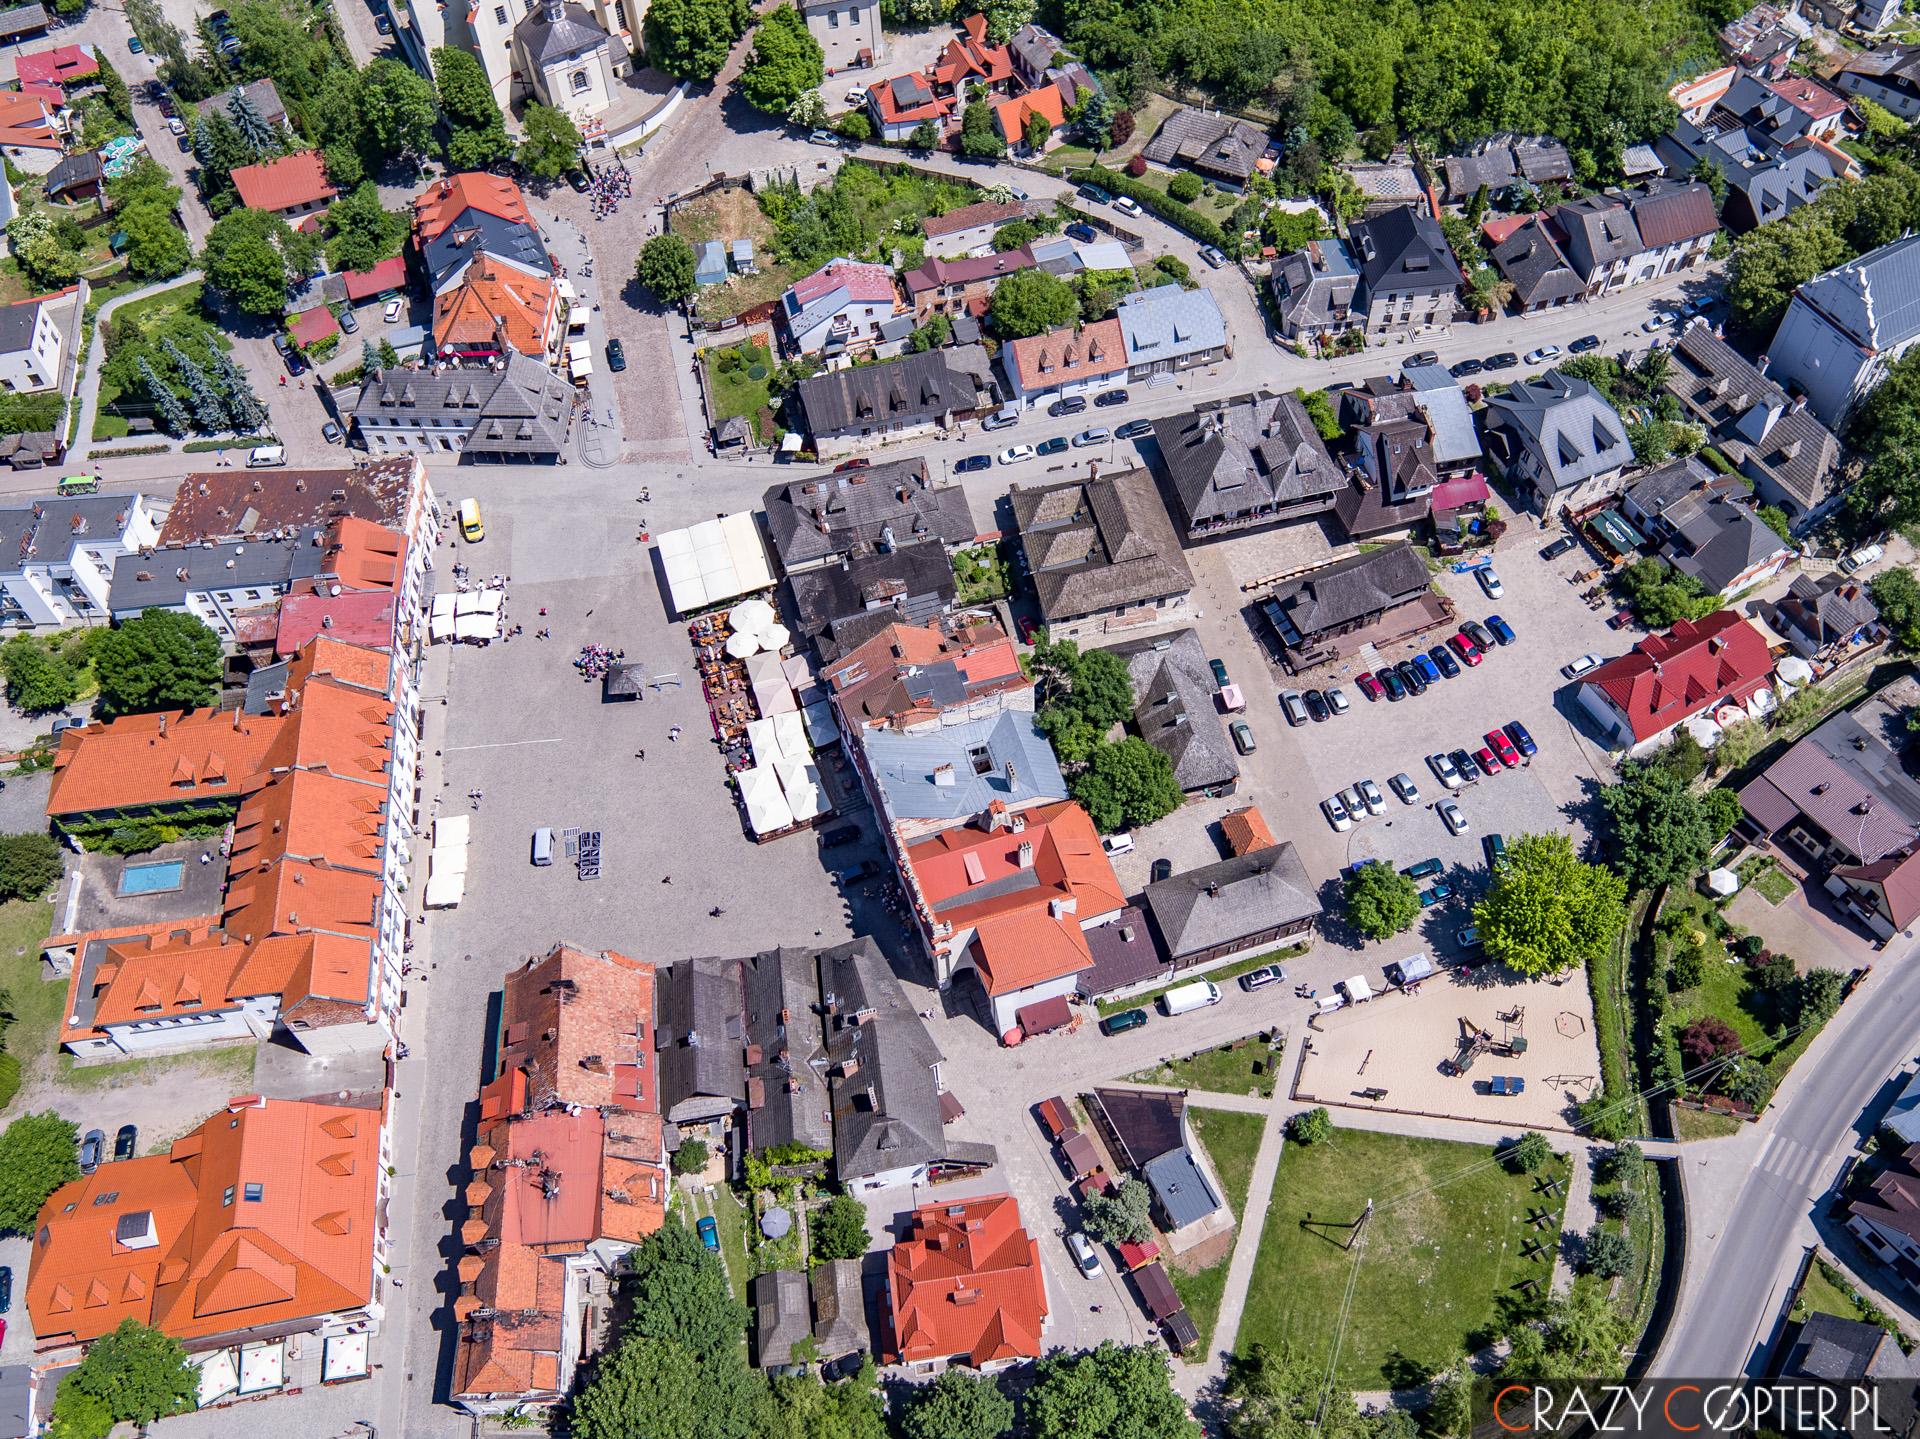 Rynek w Kazimierzu Dolnym widziany z drona.